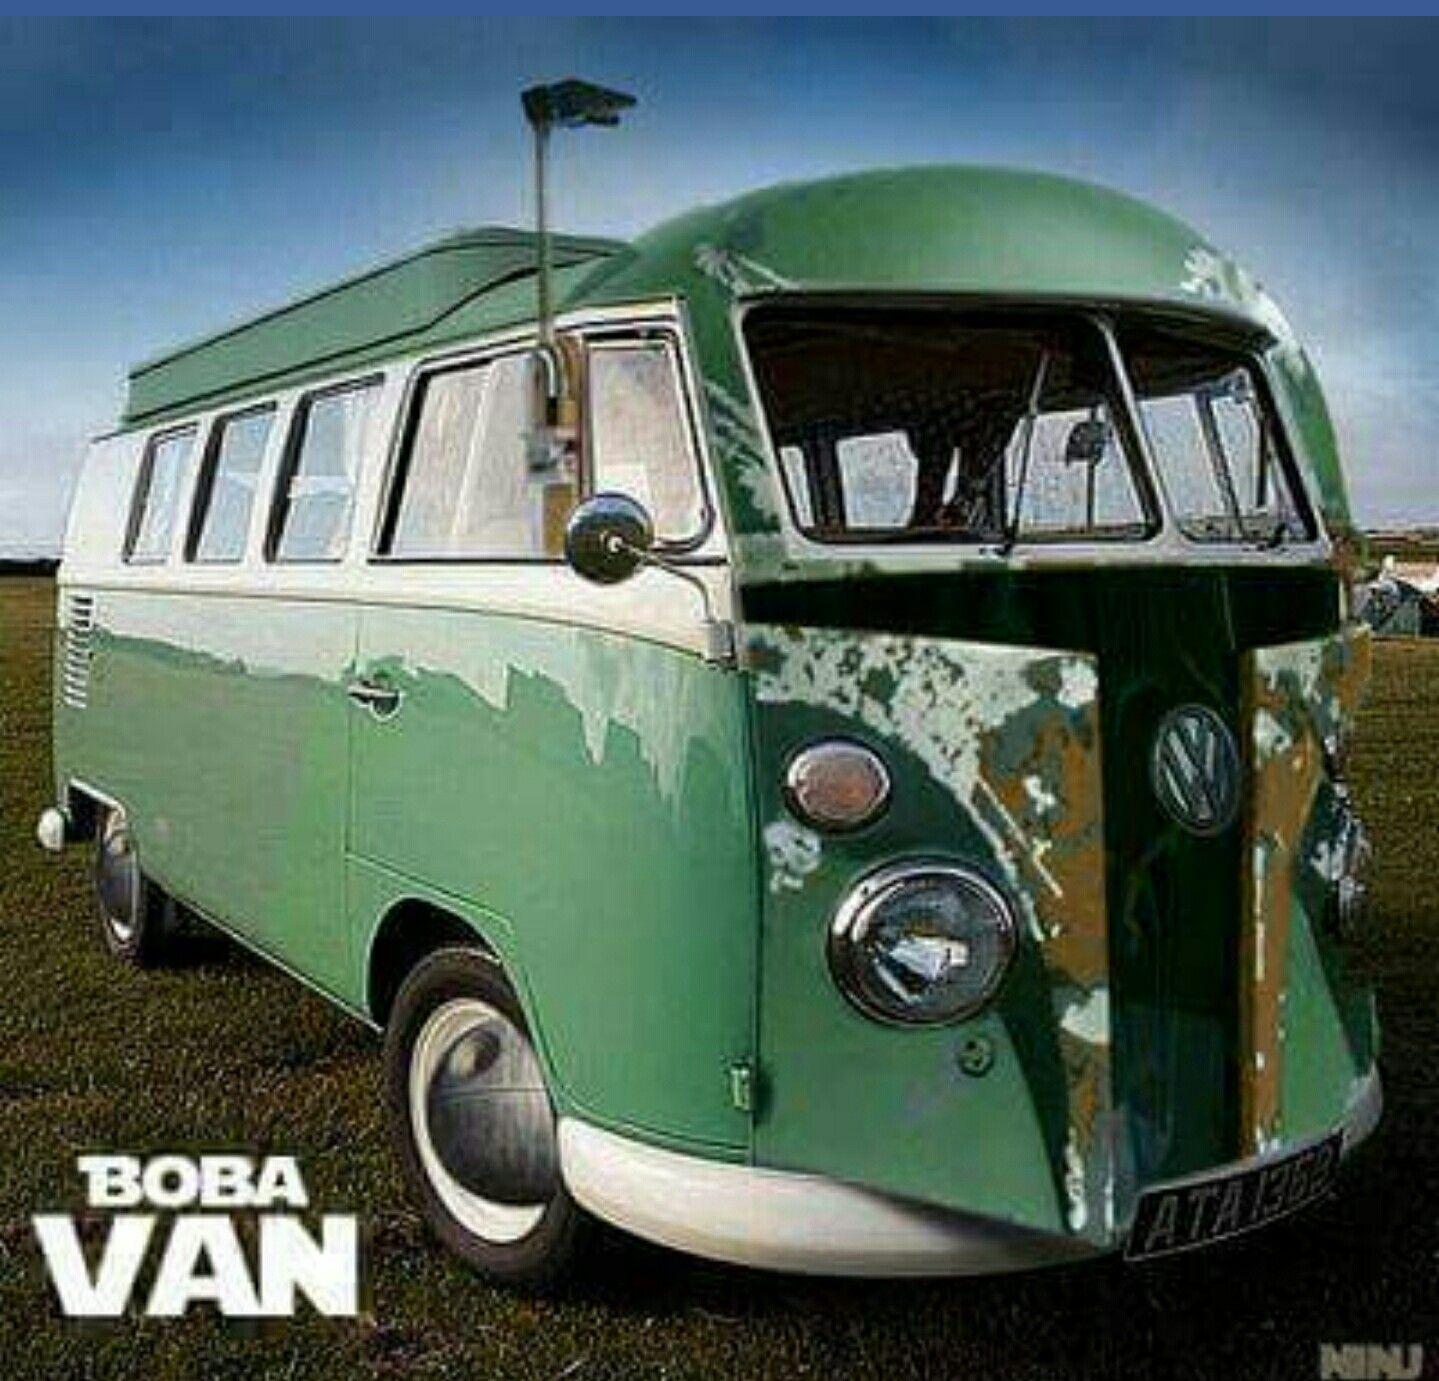 8206c785f19d5f Star Wars Boba Fett hippie van